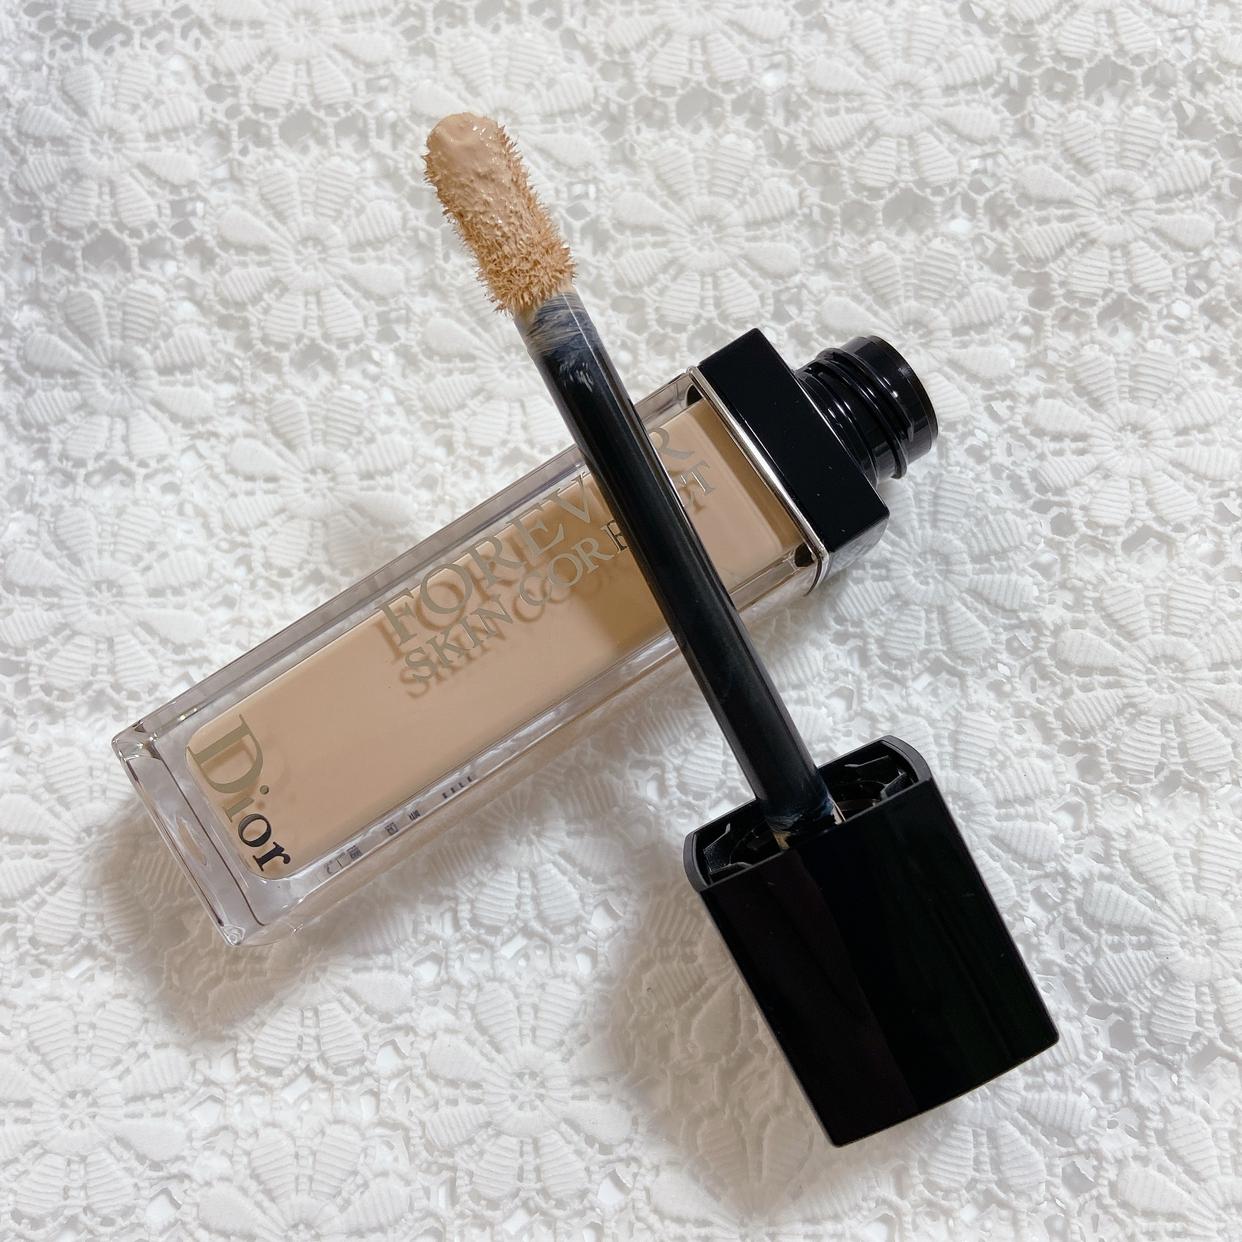 Dior Skin(ディオールスキン)フォーエヴァー スキン コレクトを使った mocha*さんのクチコミ画像